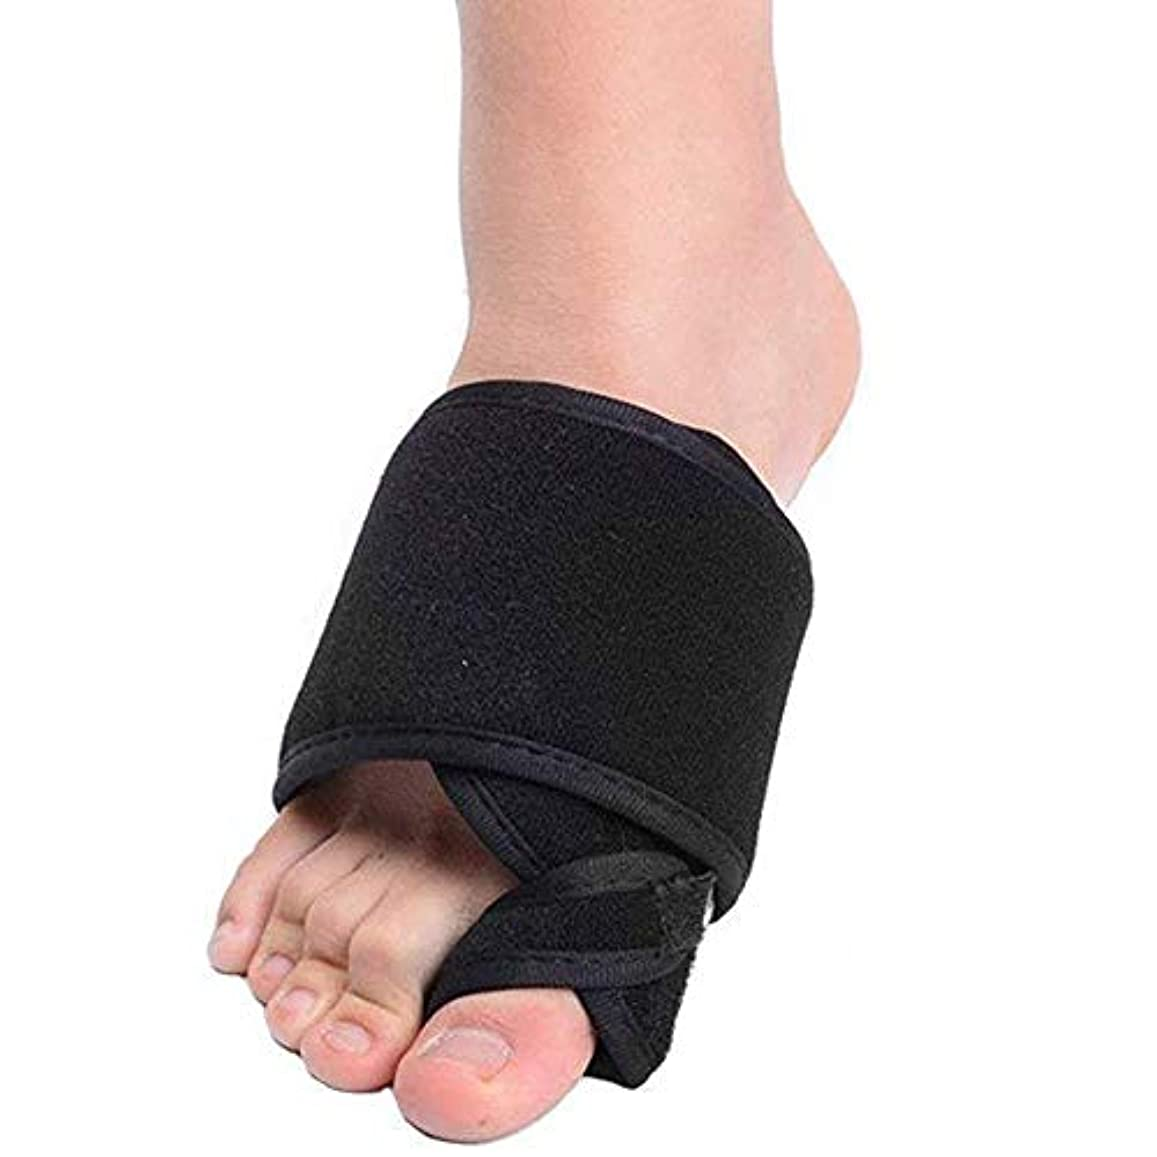 推定する宮殿入手しますスプリントサポート付きのつま先セパレーター調整可能なストラップオーバーラップトウのつま先の痛みの緩和(1)